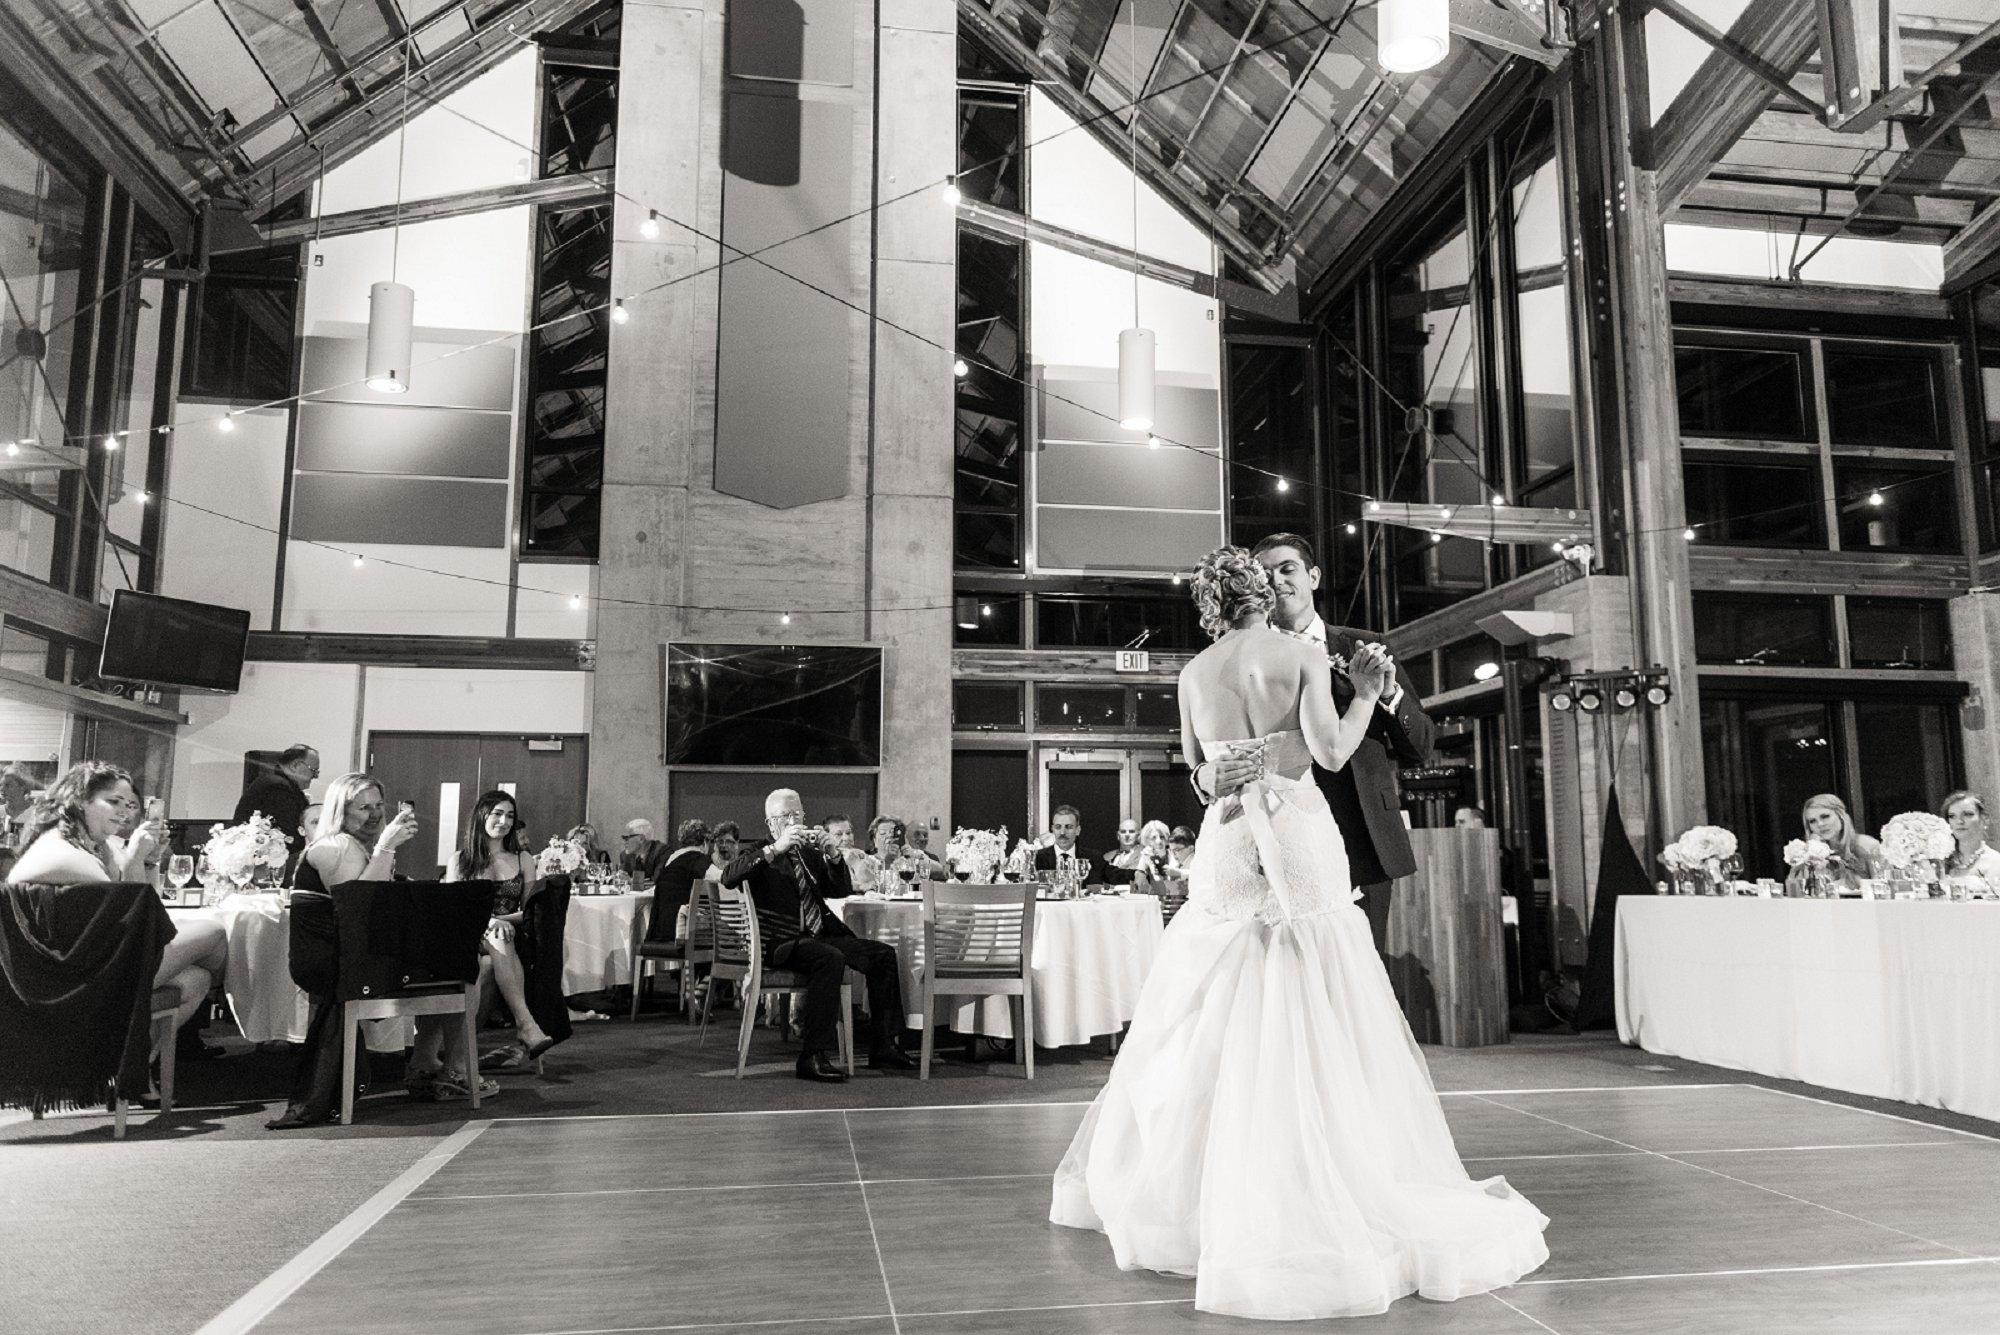 Vancouver Wedding Photography Hayley Rae Photography_003.jpg